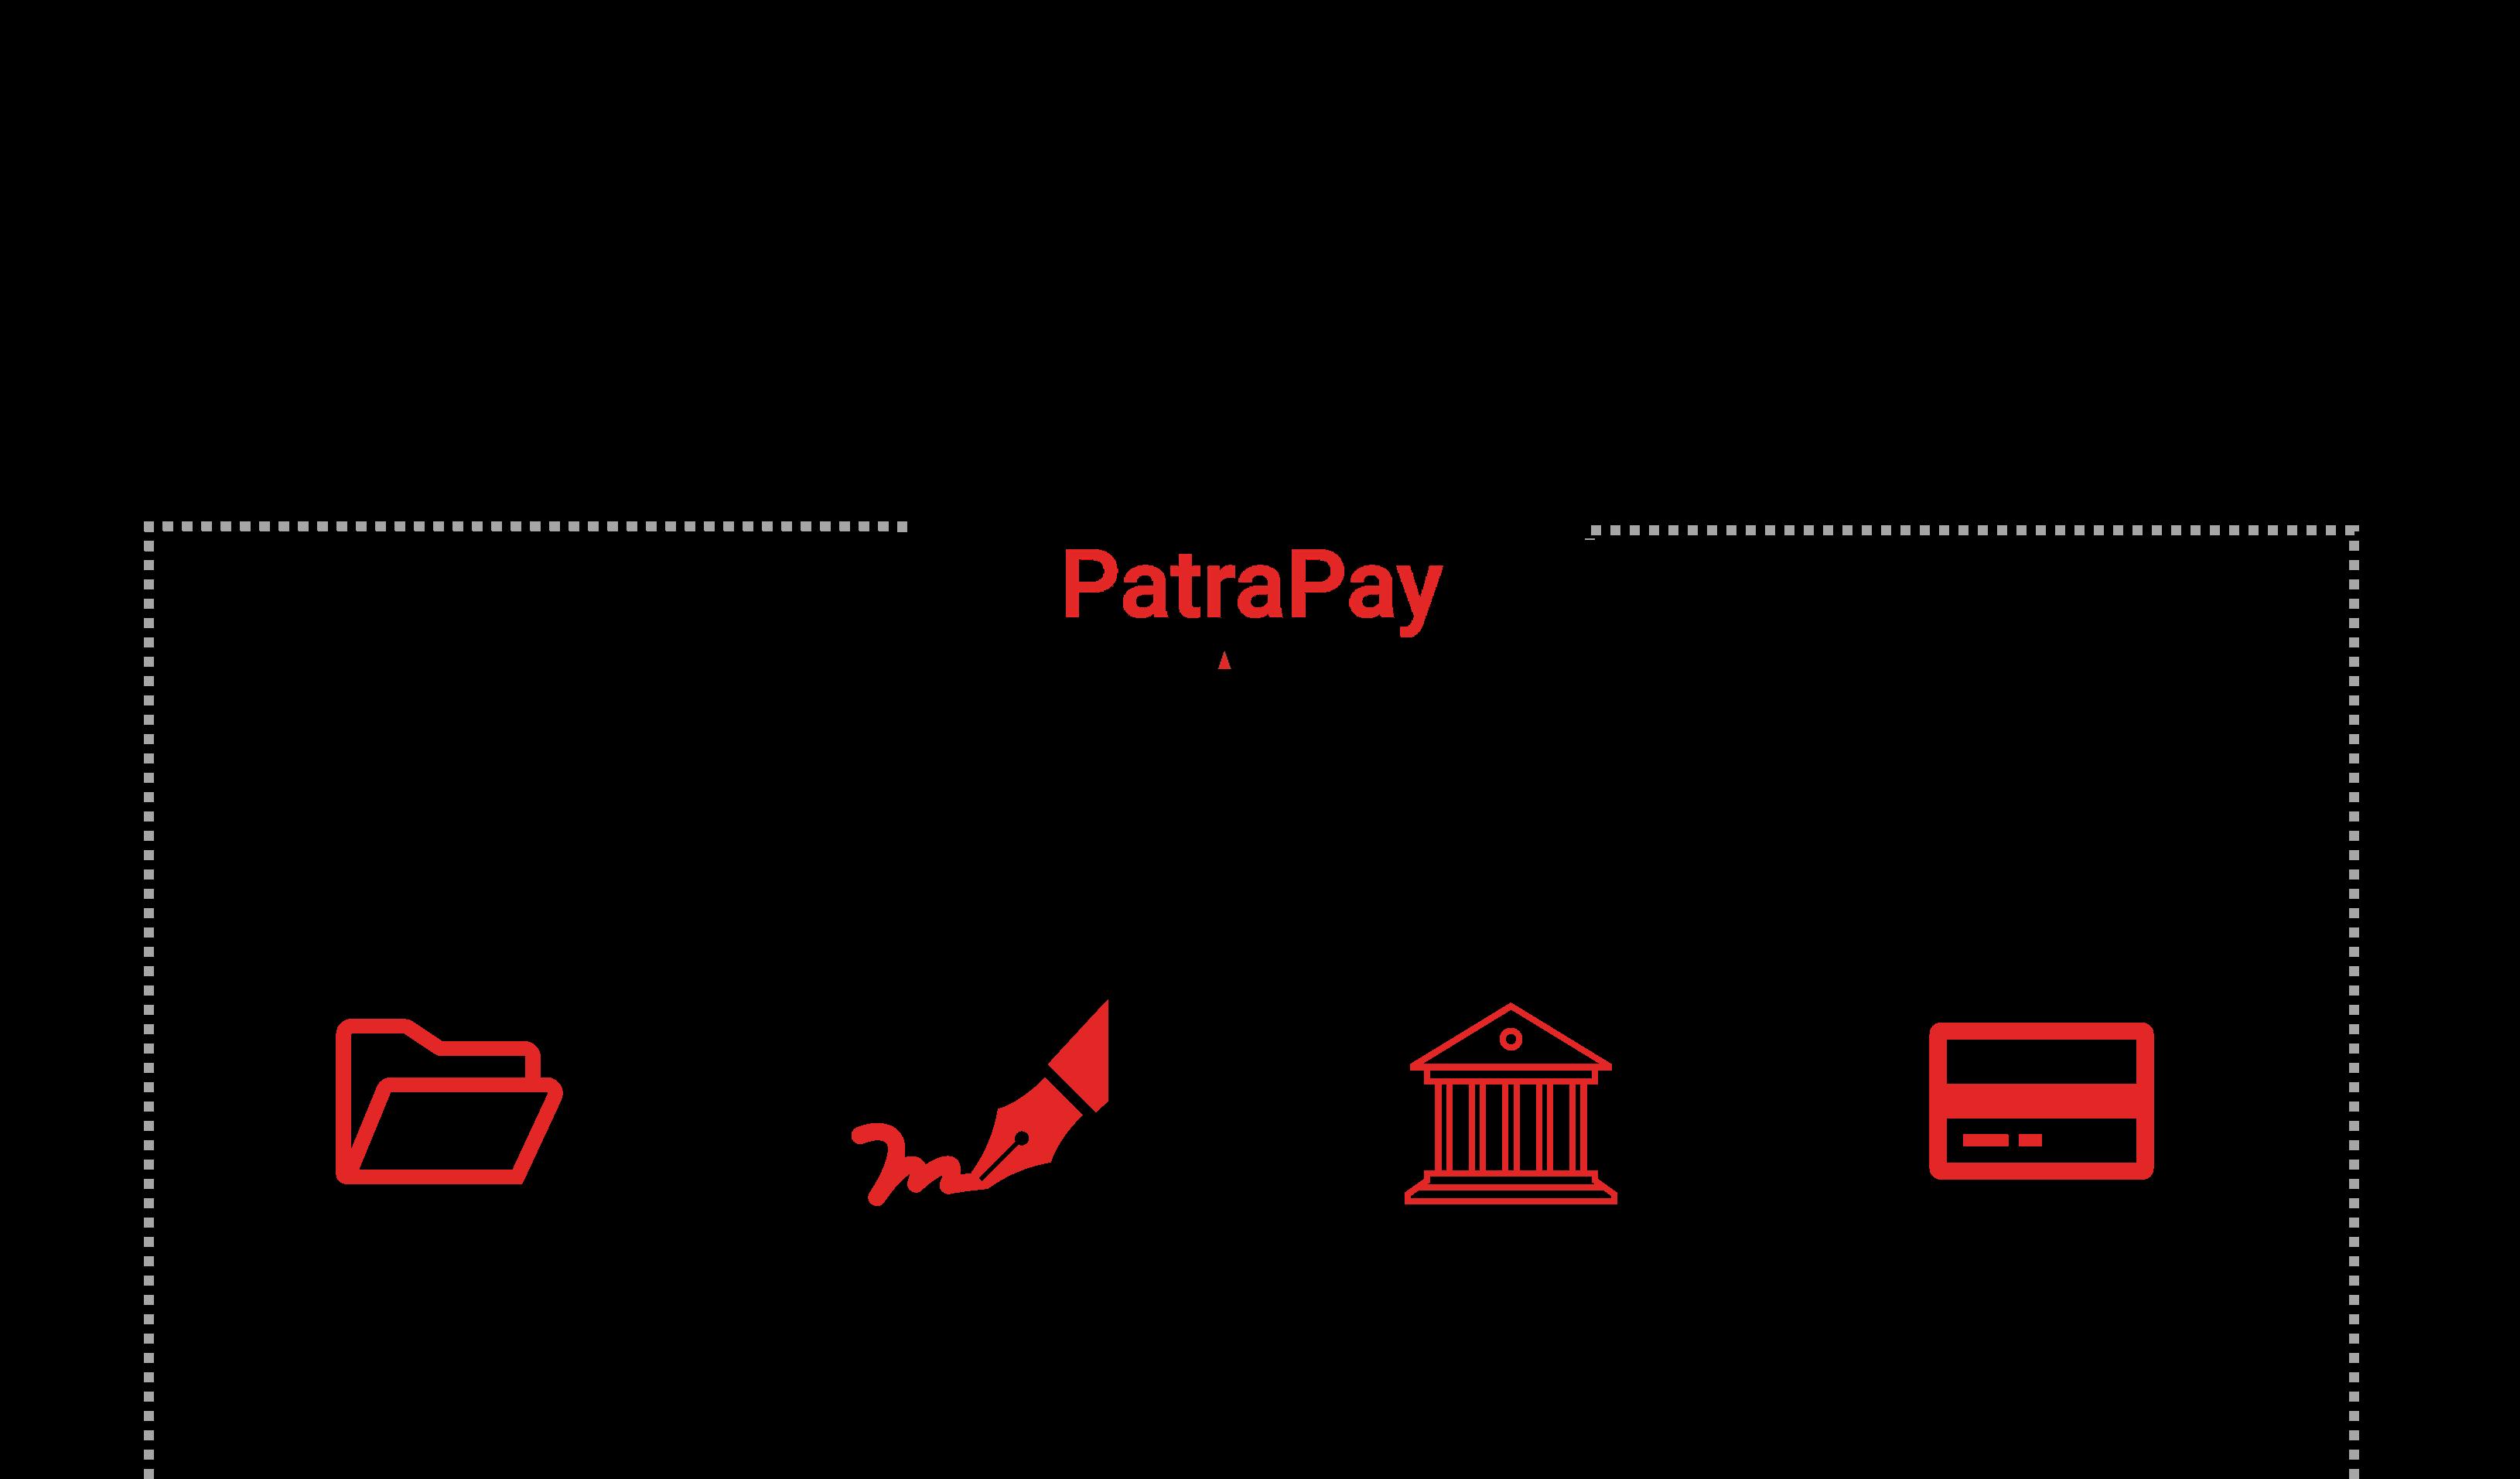 PatraPay Single Solution